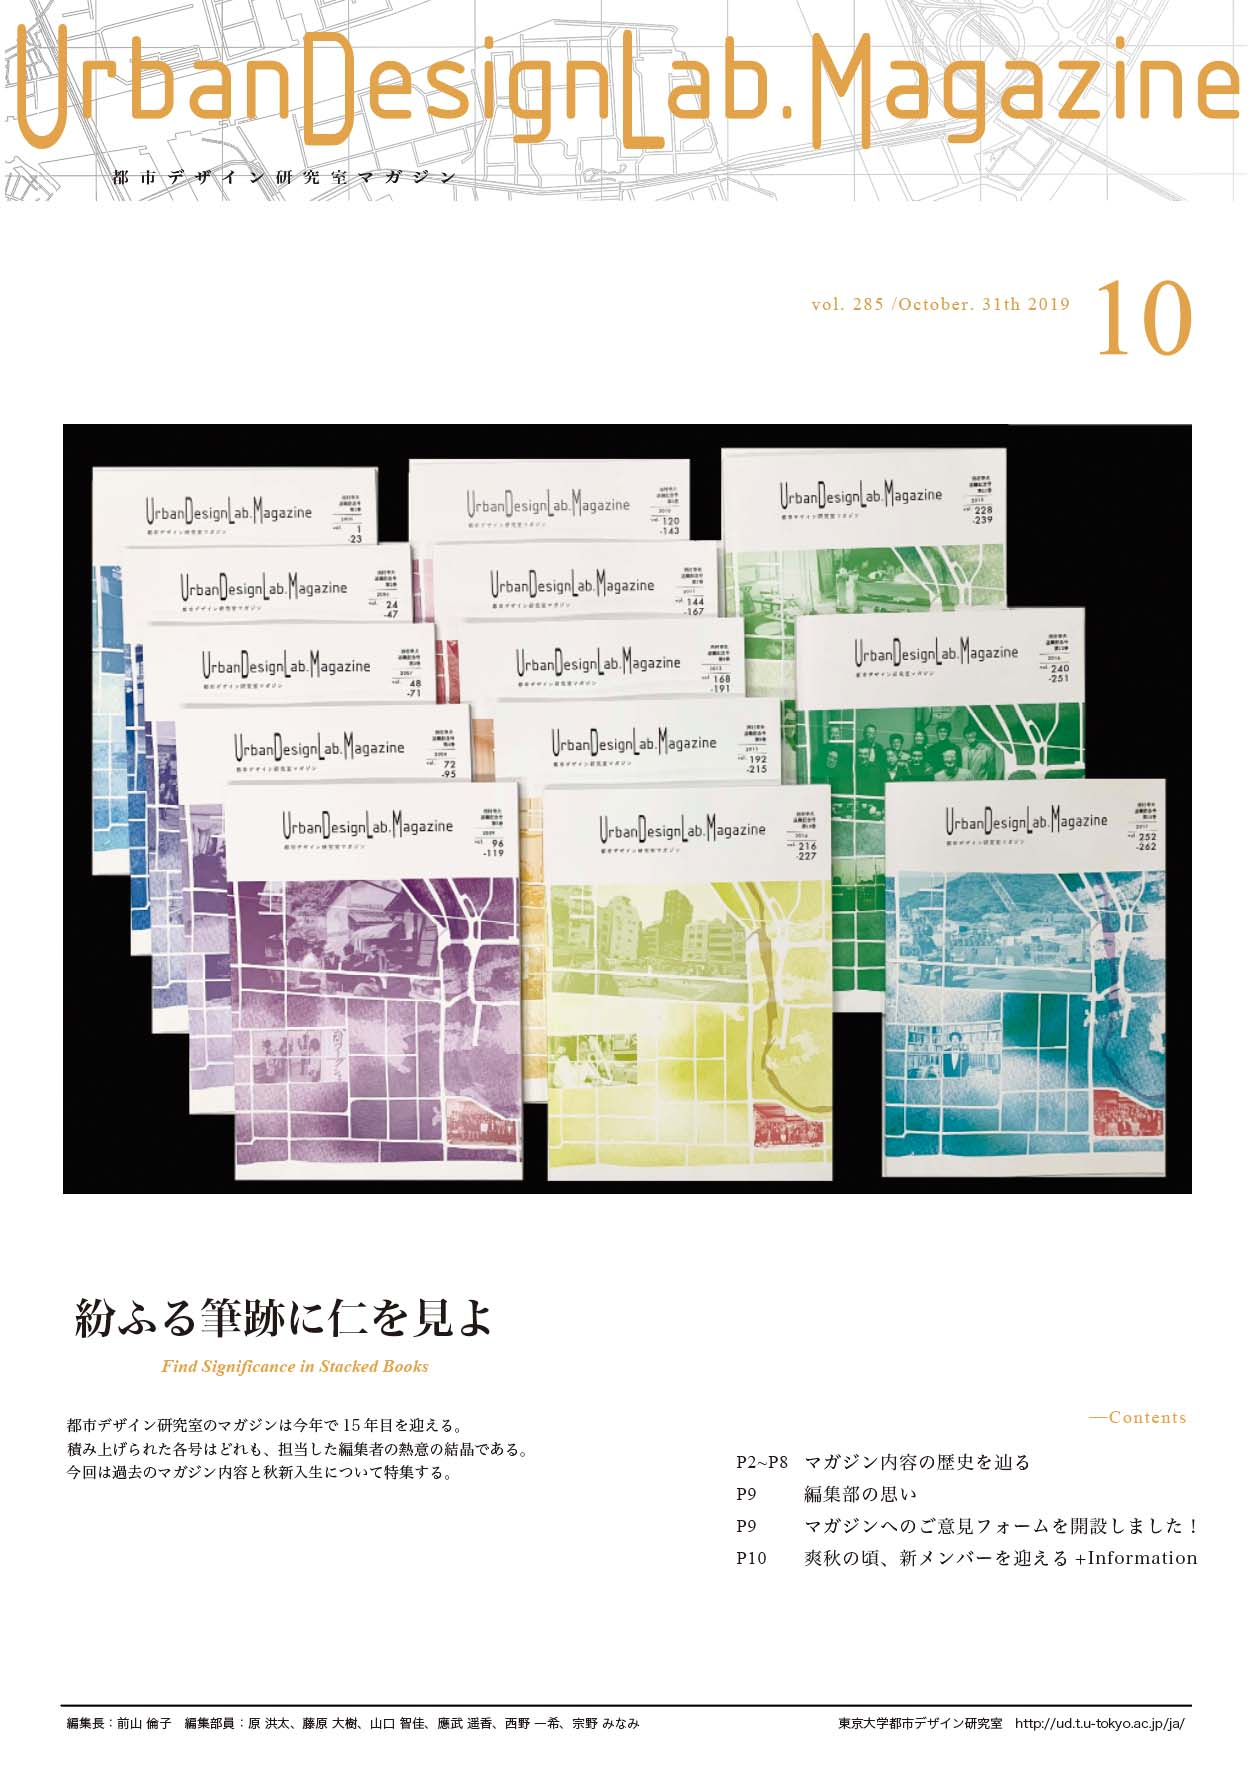 http://ud.t.u-tokyo.ac.jp/blog/_images/%EF%BC%91%E6%9E%9A%E7%9B%AE.jpg